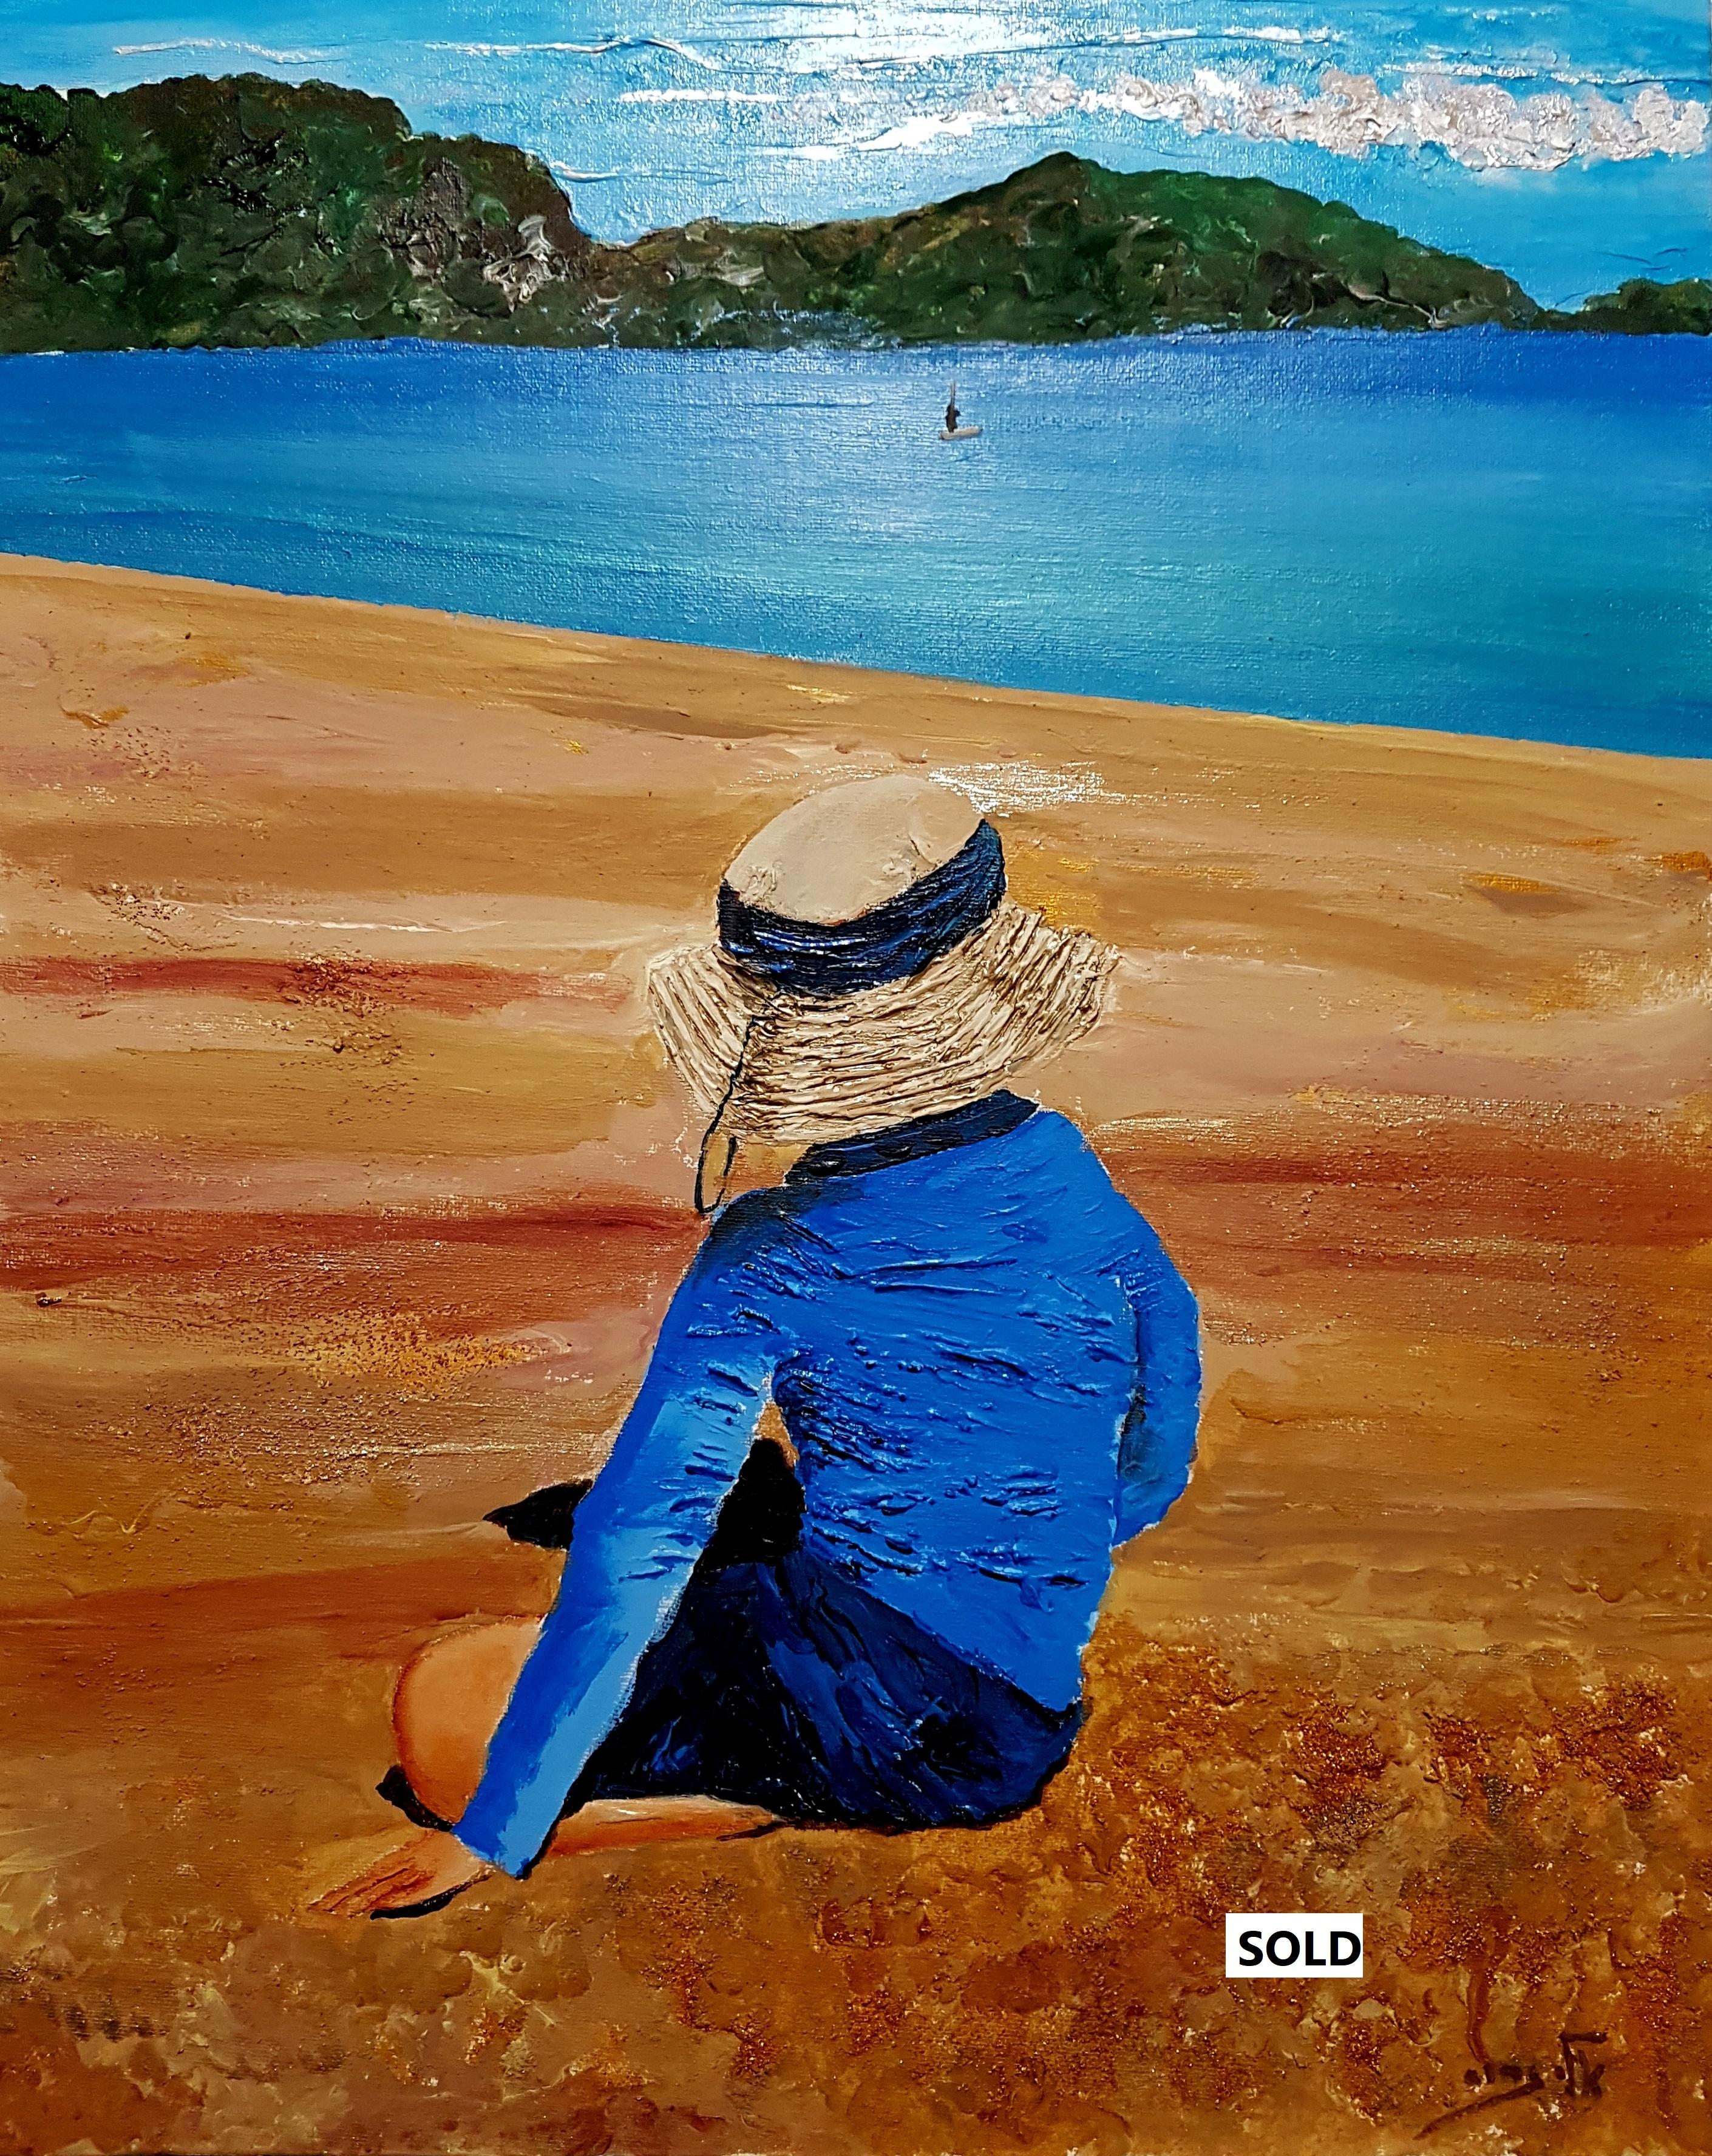 על החול של חוף רחוק, הוא יושב  – כמו בתו